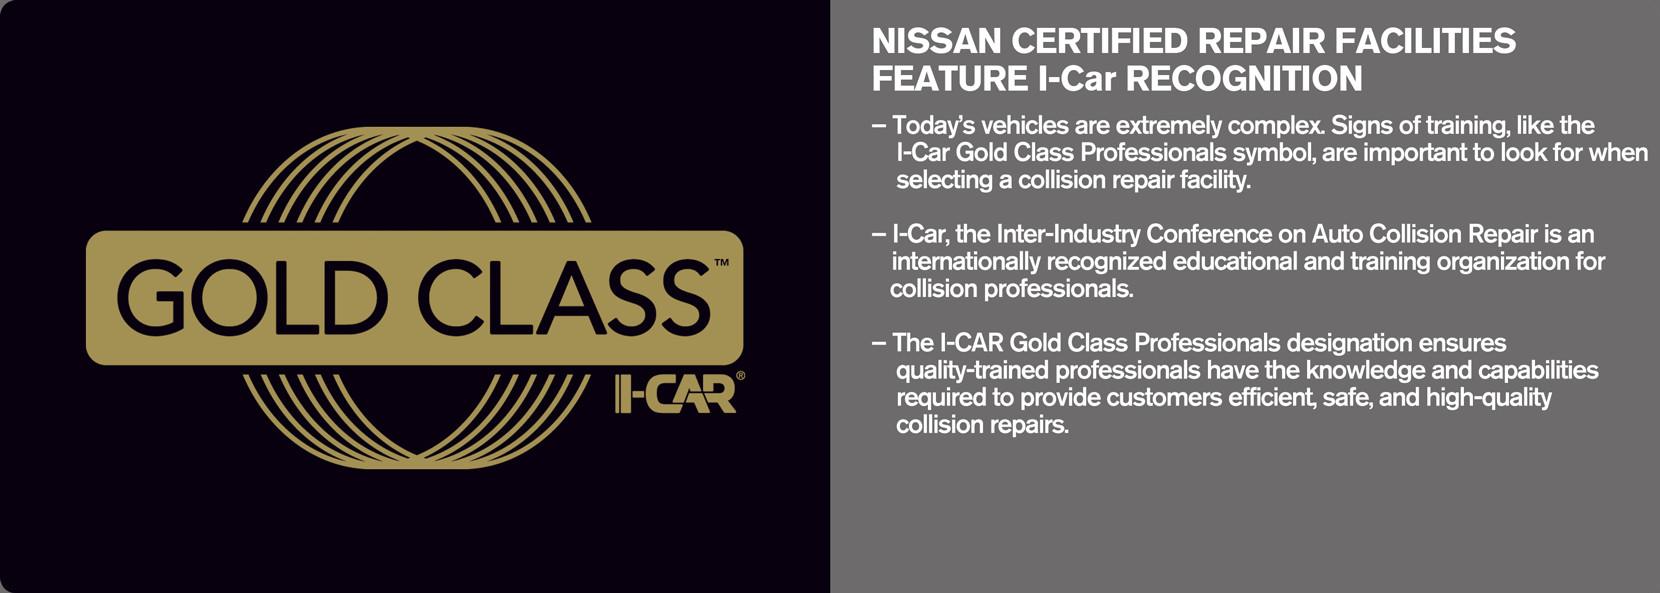 Source: Nissan USA